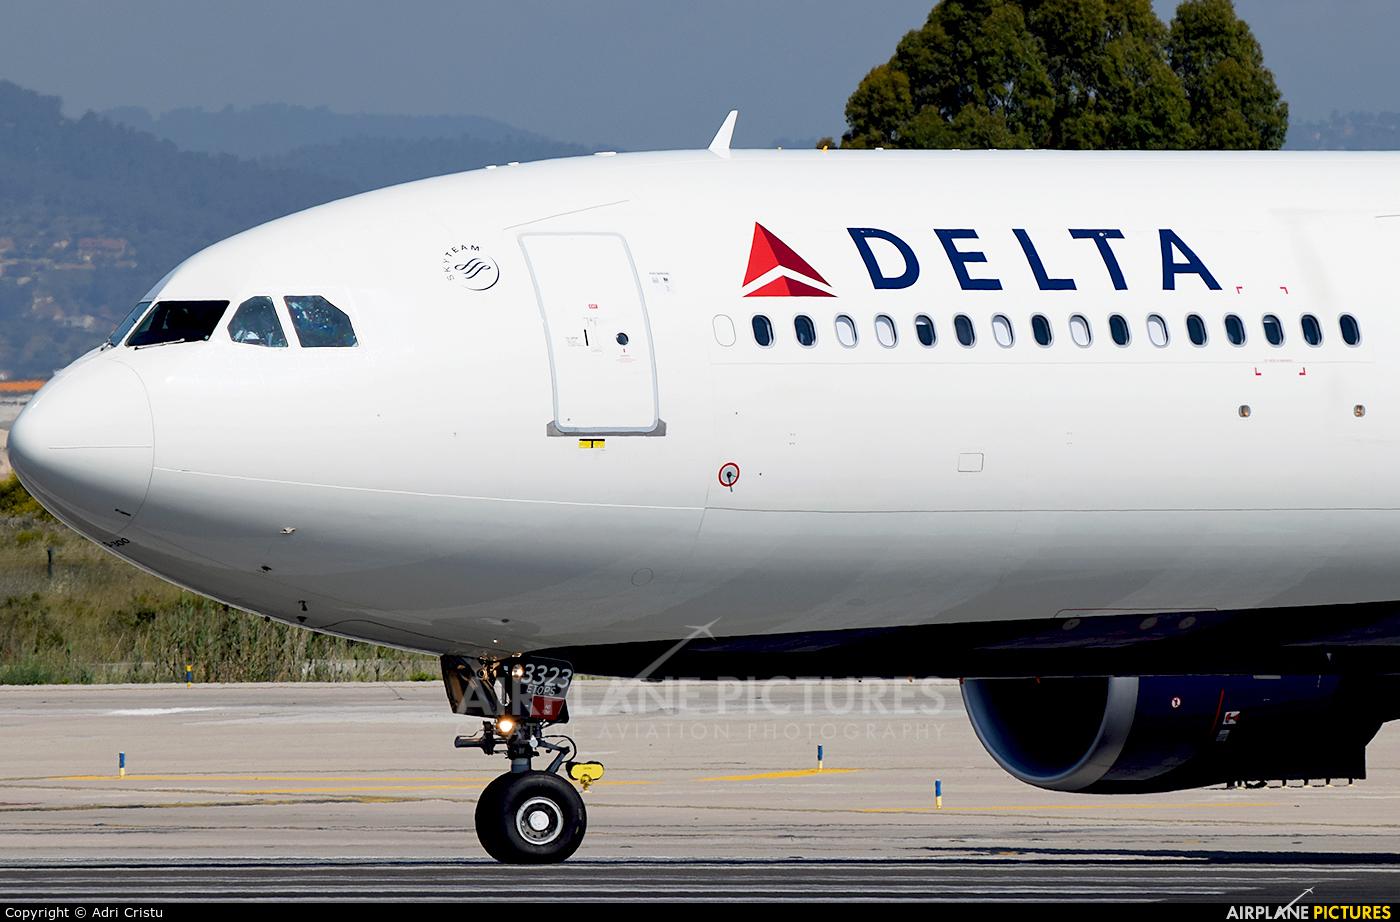 Delta Air Lines N823NW aircraft at Barcelona - El Prat